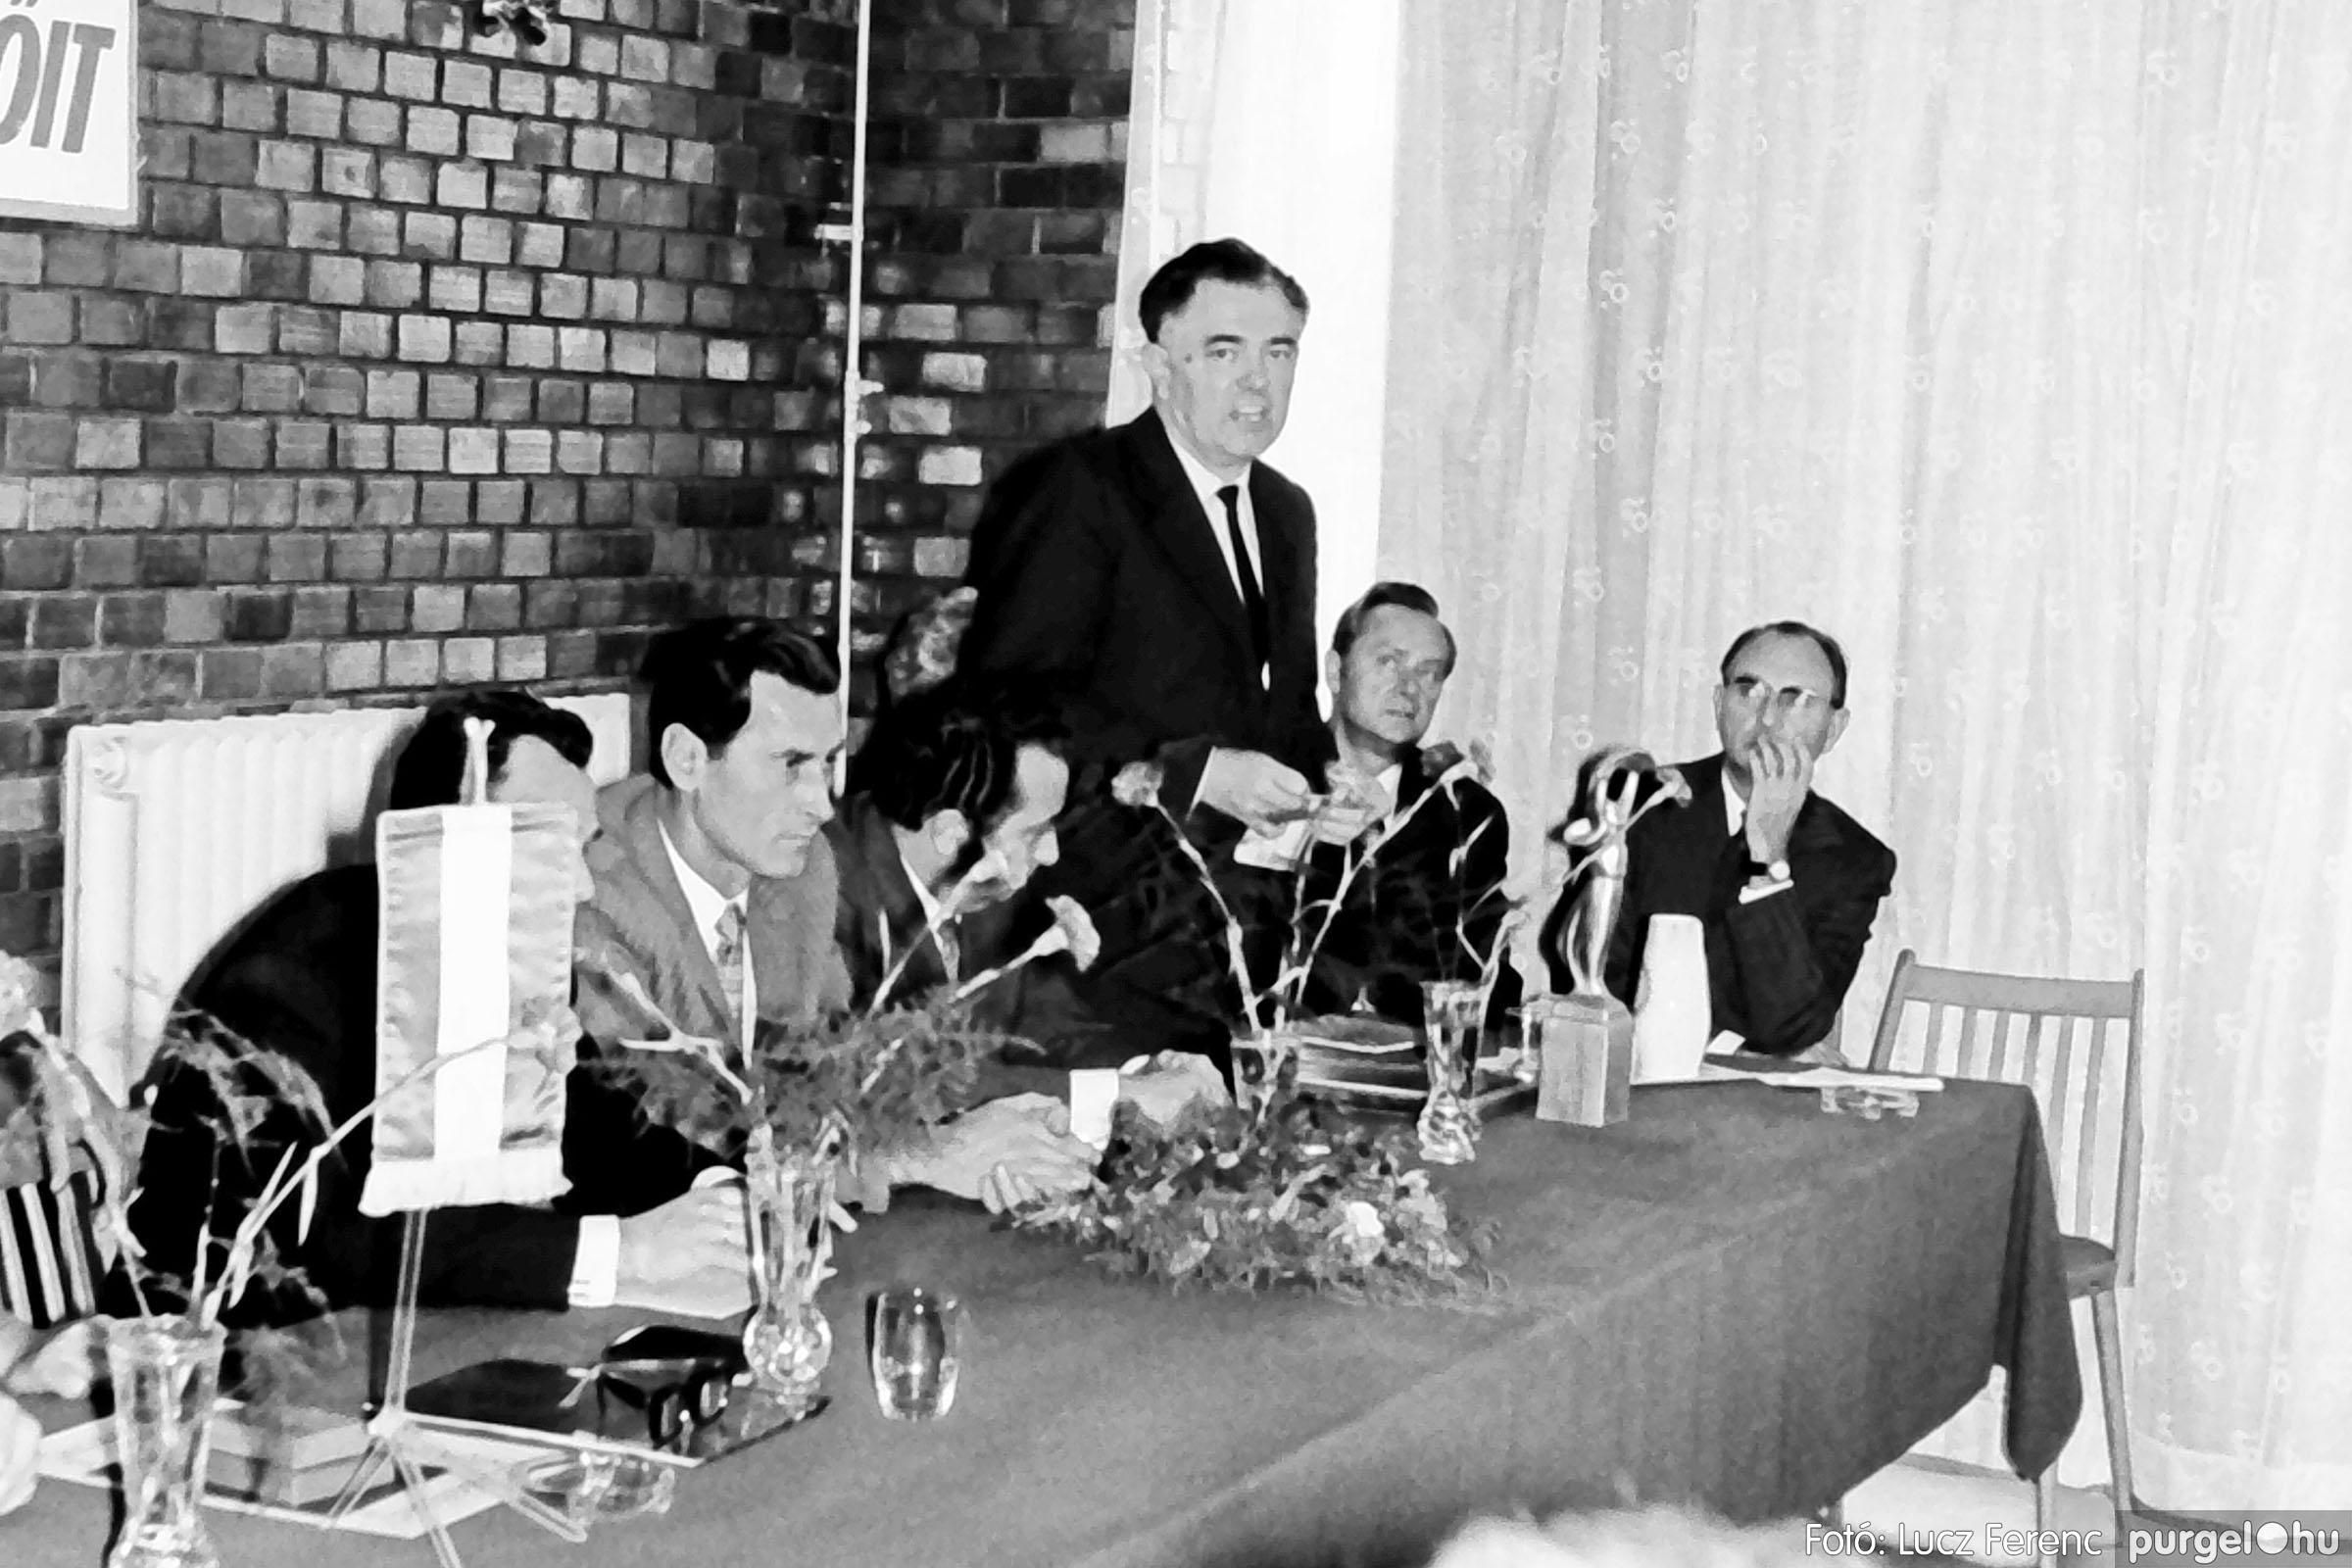 022 1975. Ünnepi ülés a tanácsházán 014 - Fotó: Lucz Ferenc .jpg